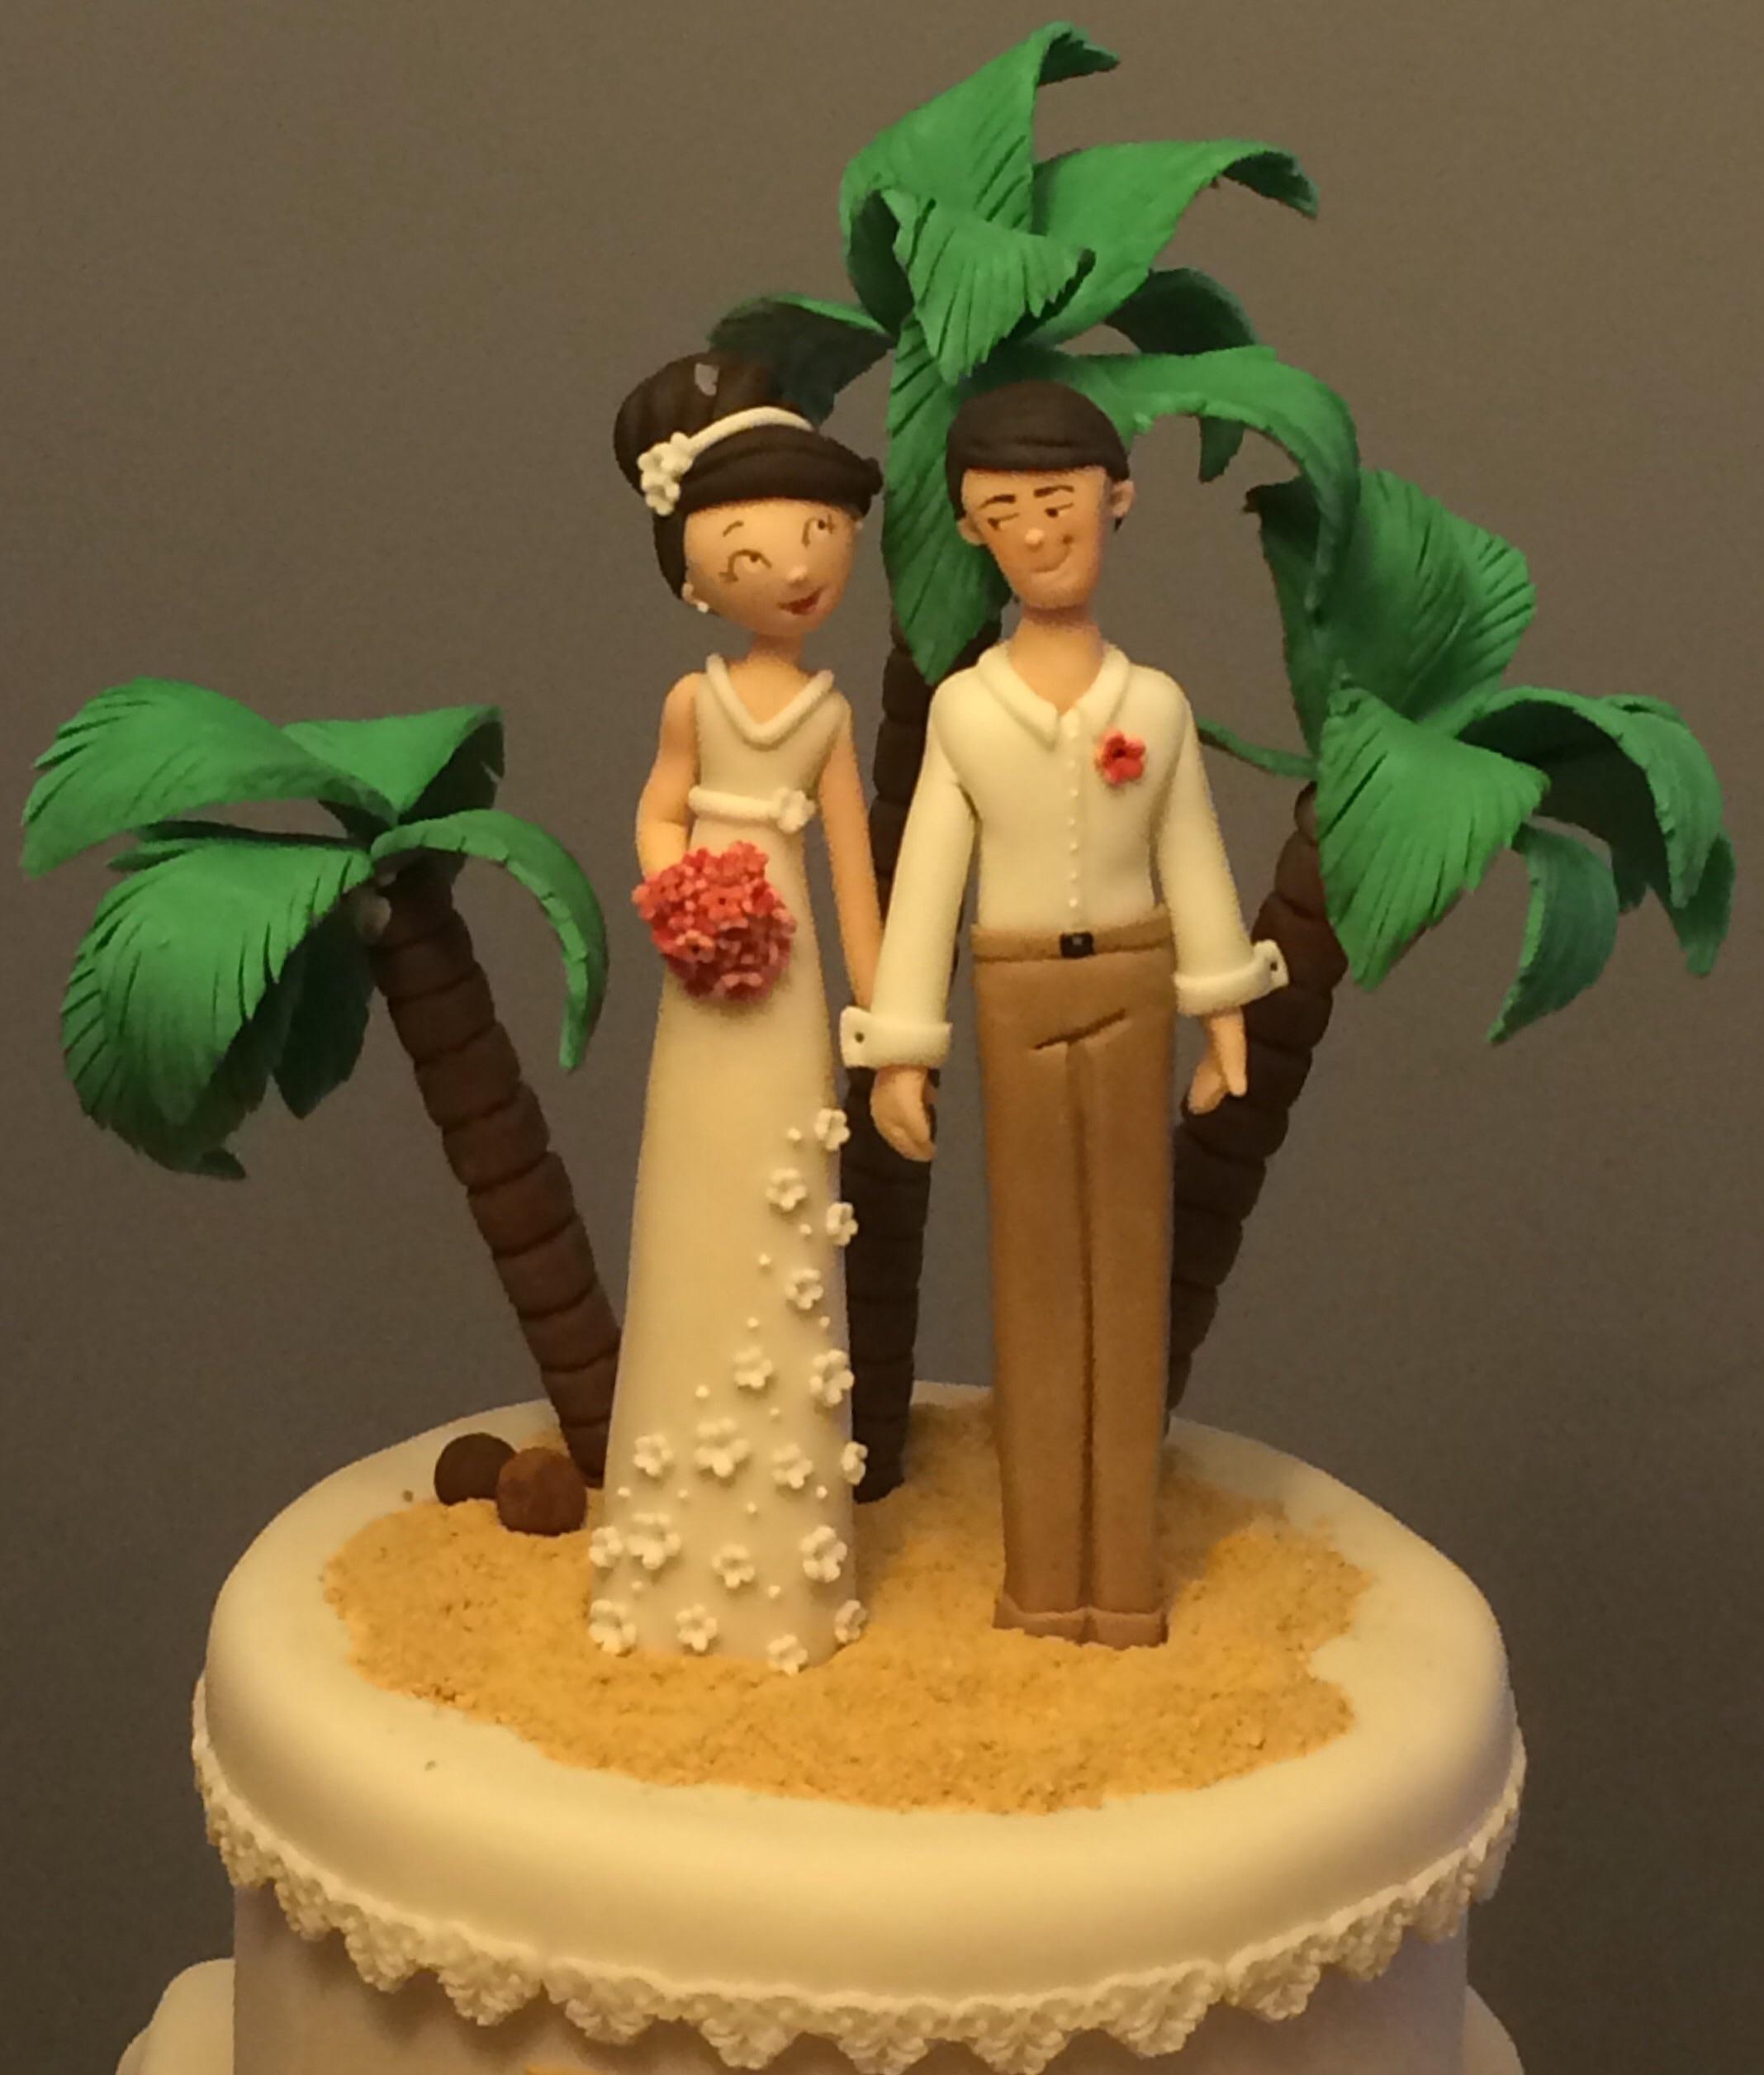 destination wedding cake. Black Bedroom Furniture Sets. Home Design Ideas